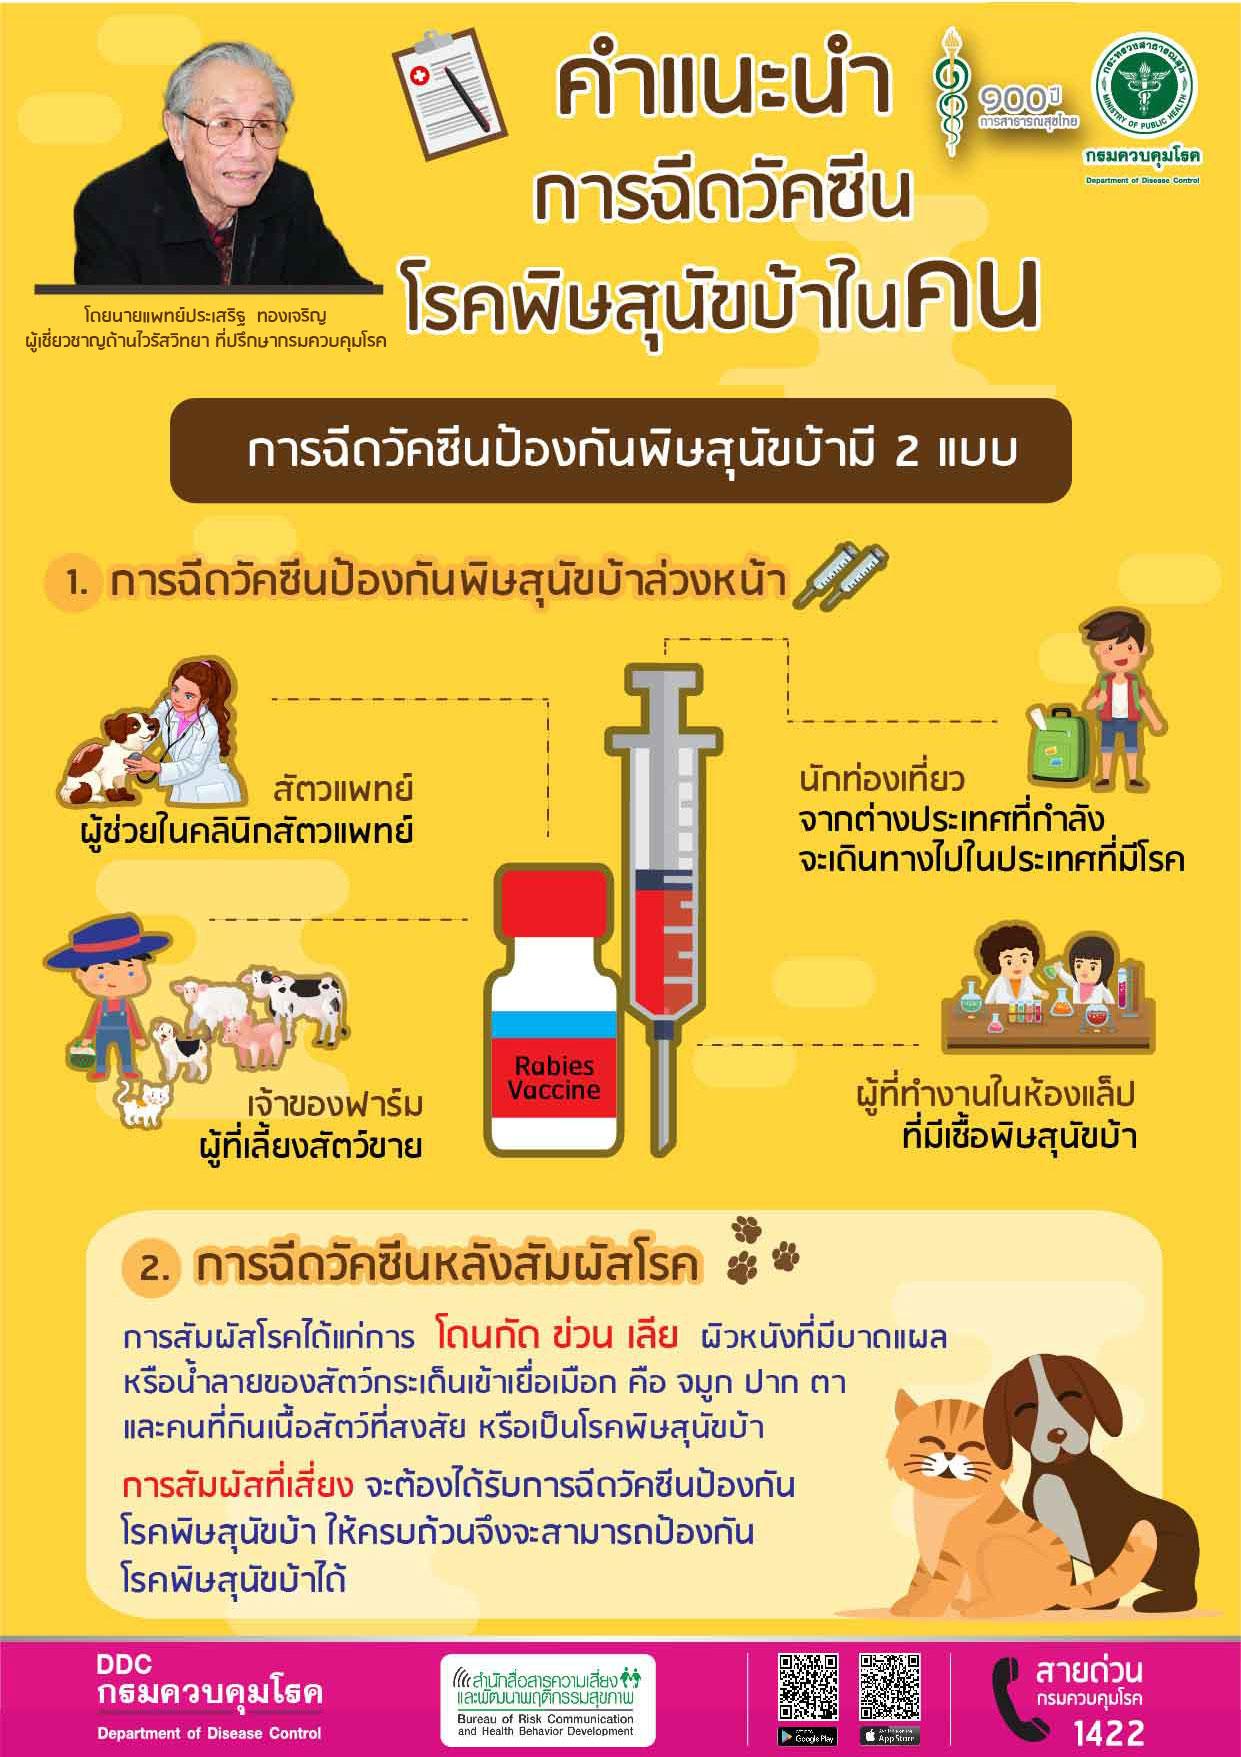 คำแนะนำการฉีดวัคซีนโรคพิษสุนัขบ้าในคน